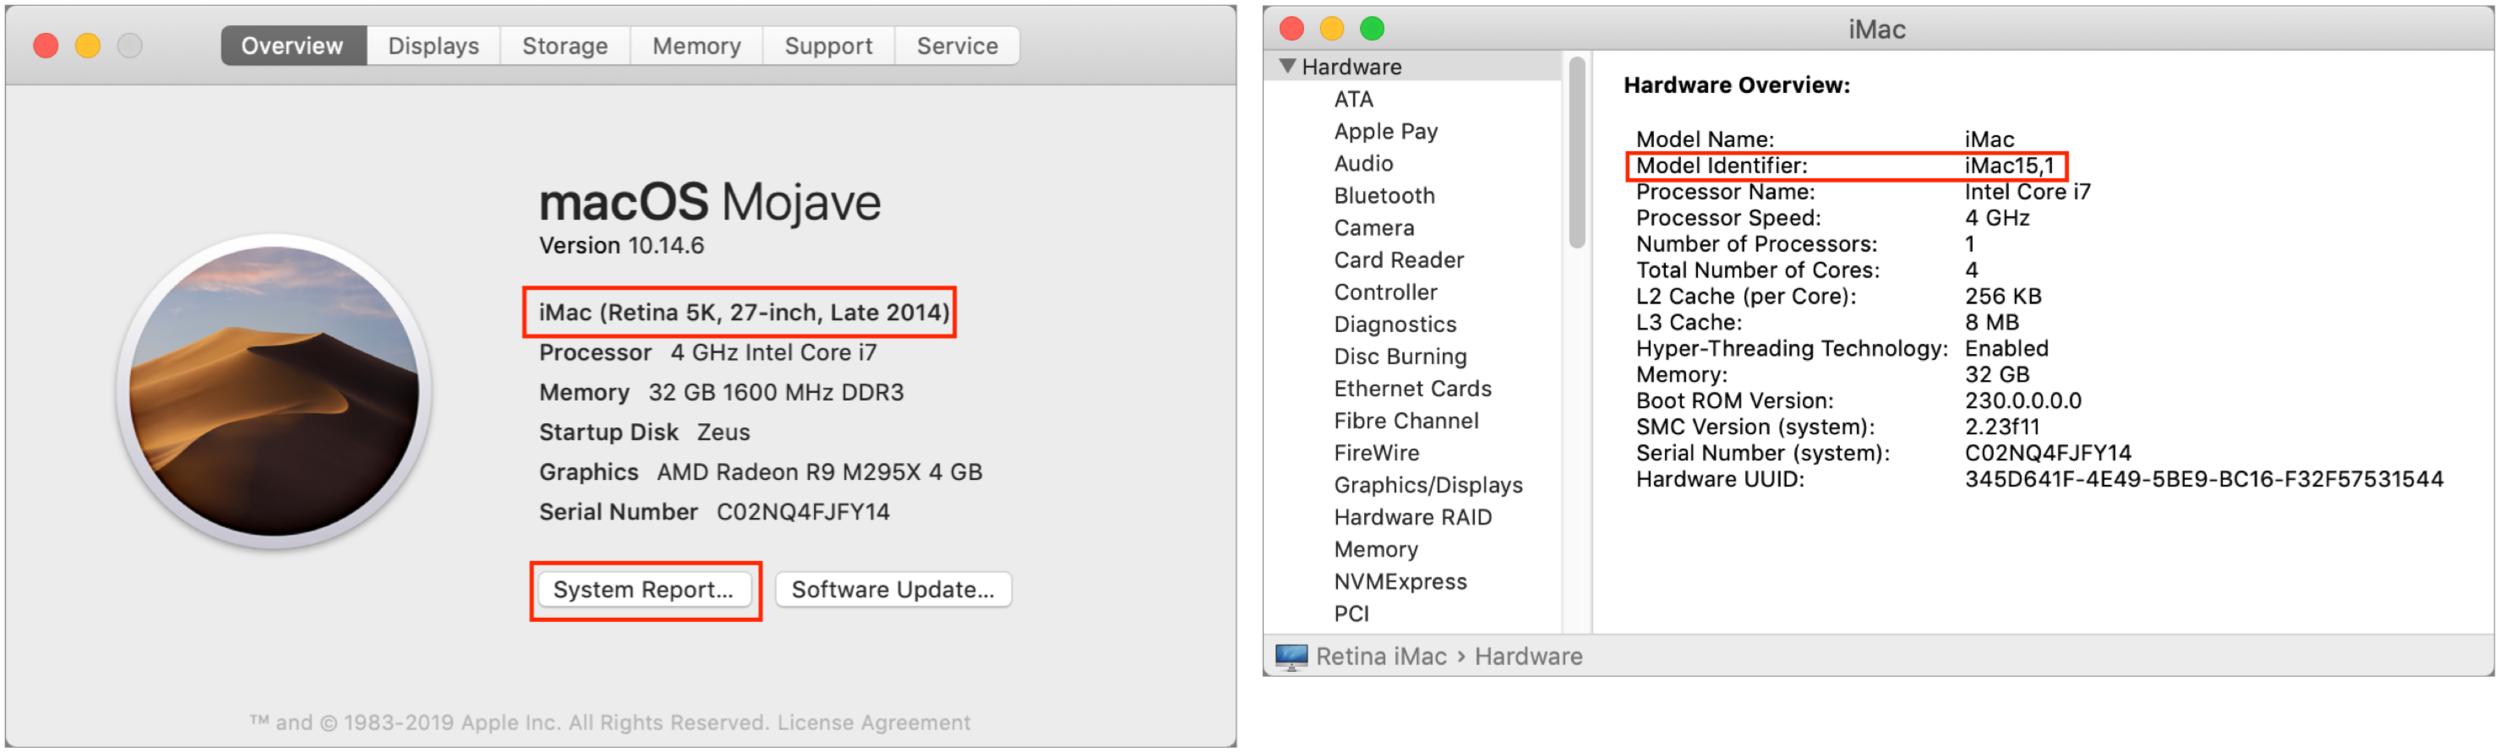 Mac-model-identifier.png